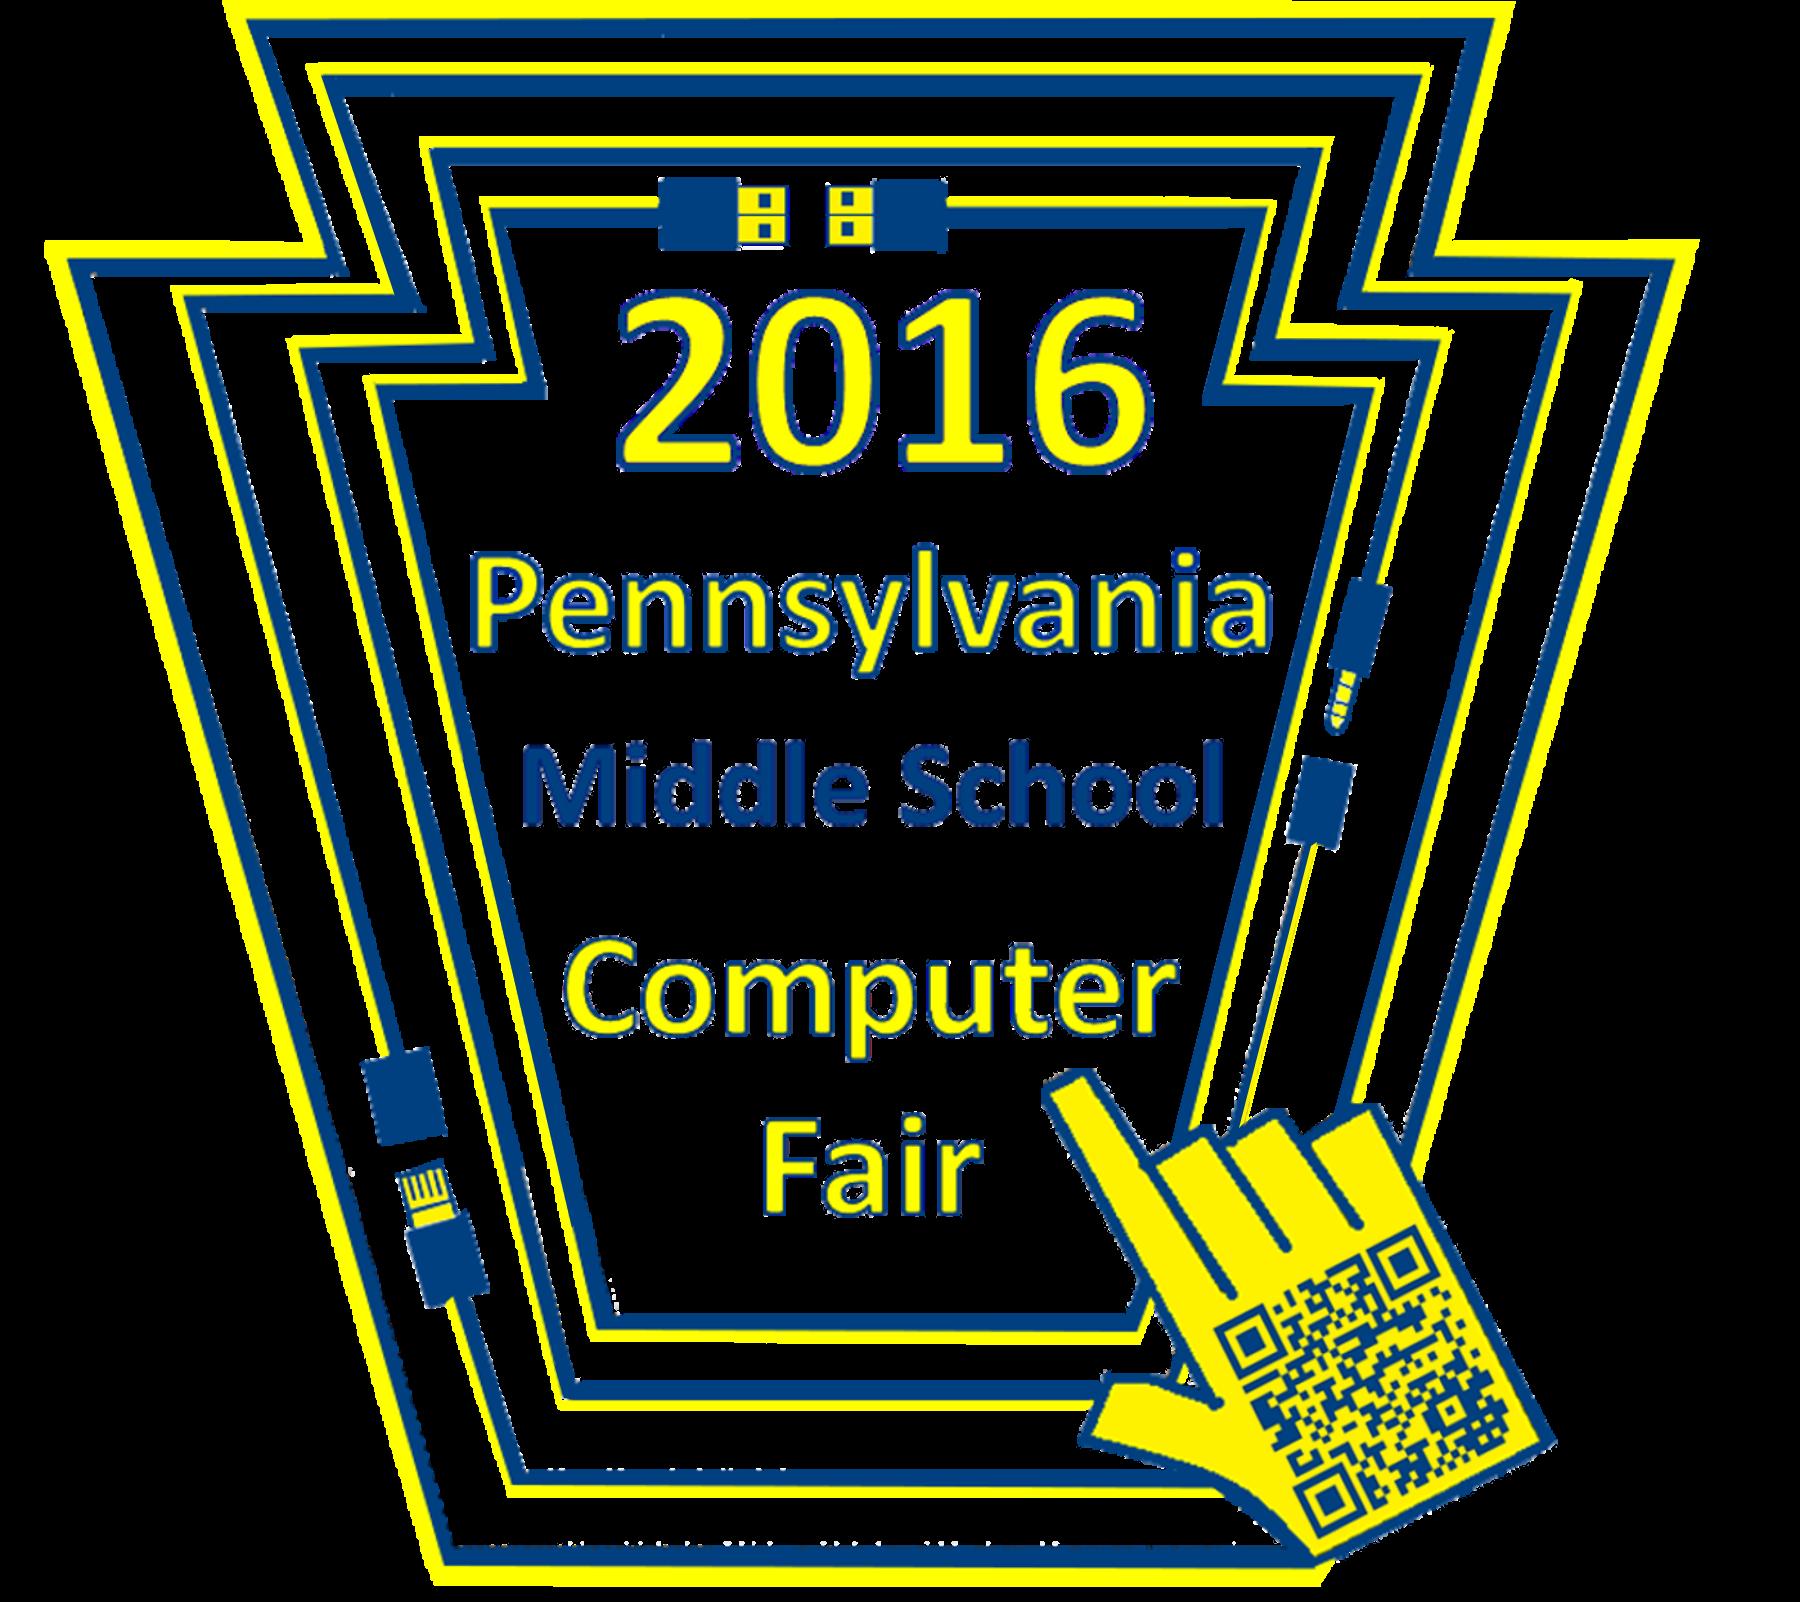 2016 Pennsylvania Computer Fair